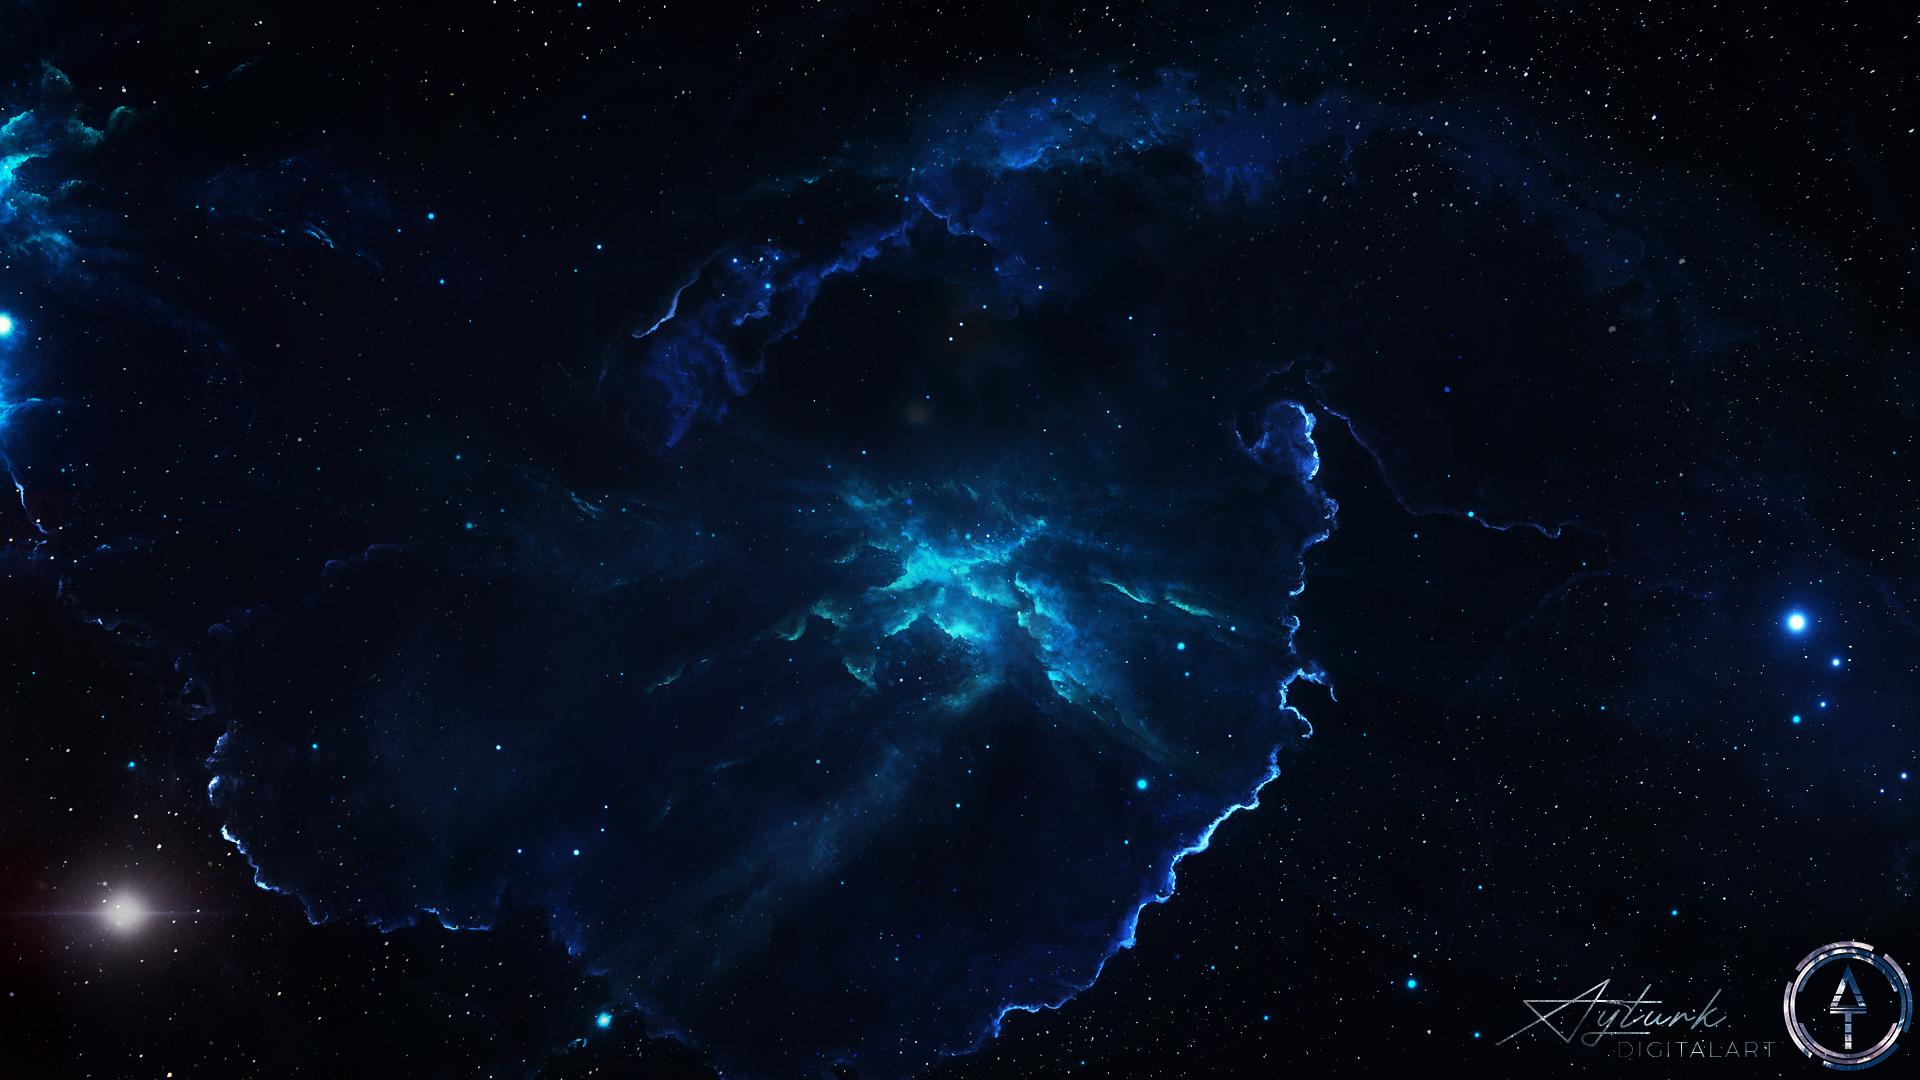 Wallpaper : galaxy, NASA, concept art, space art, photo